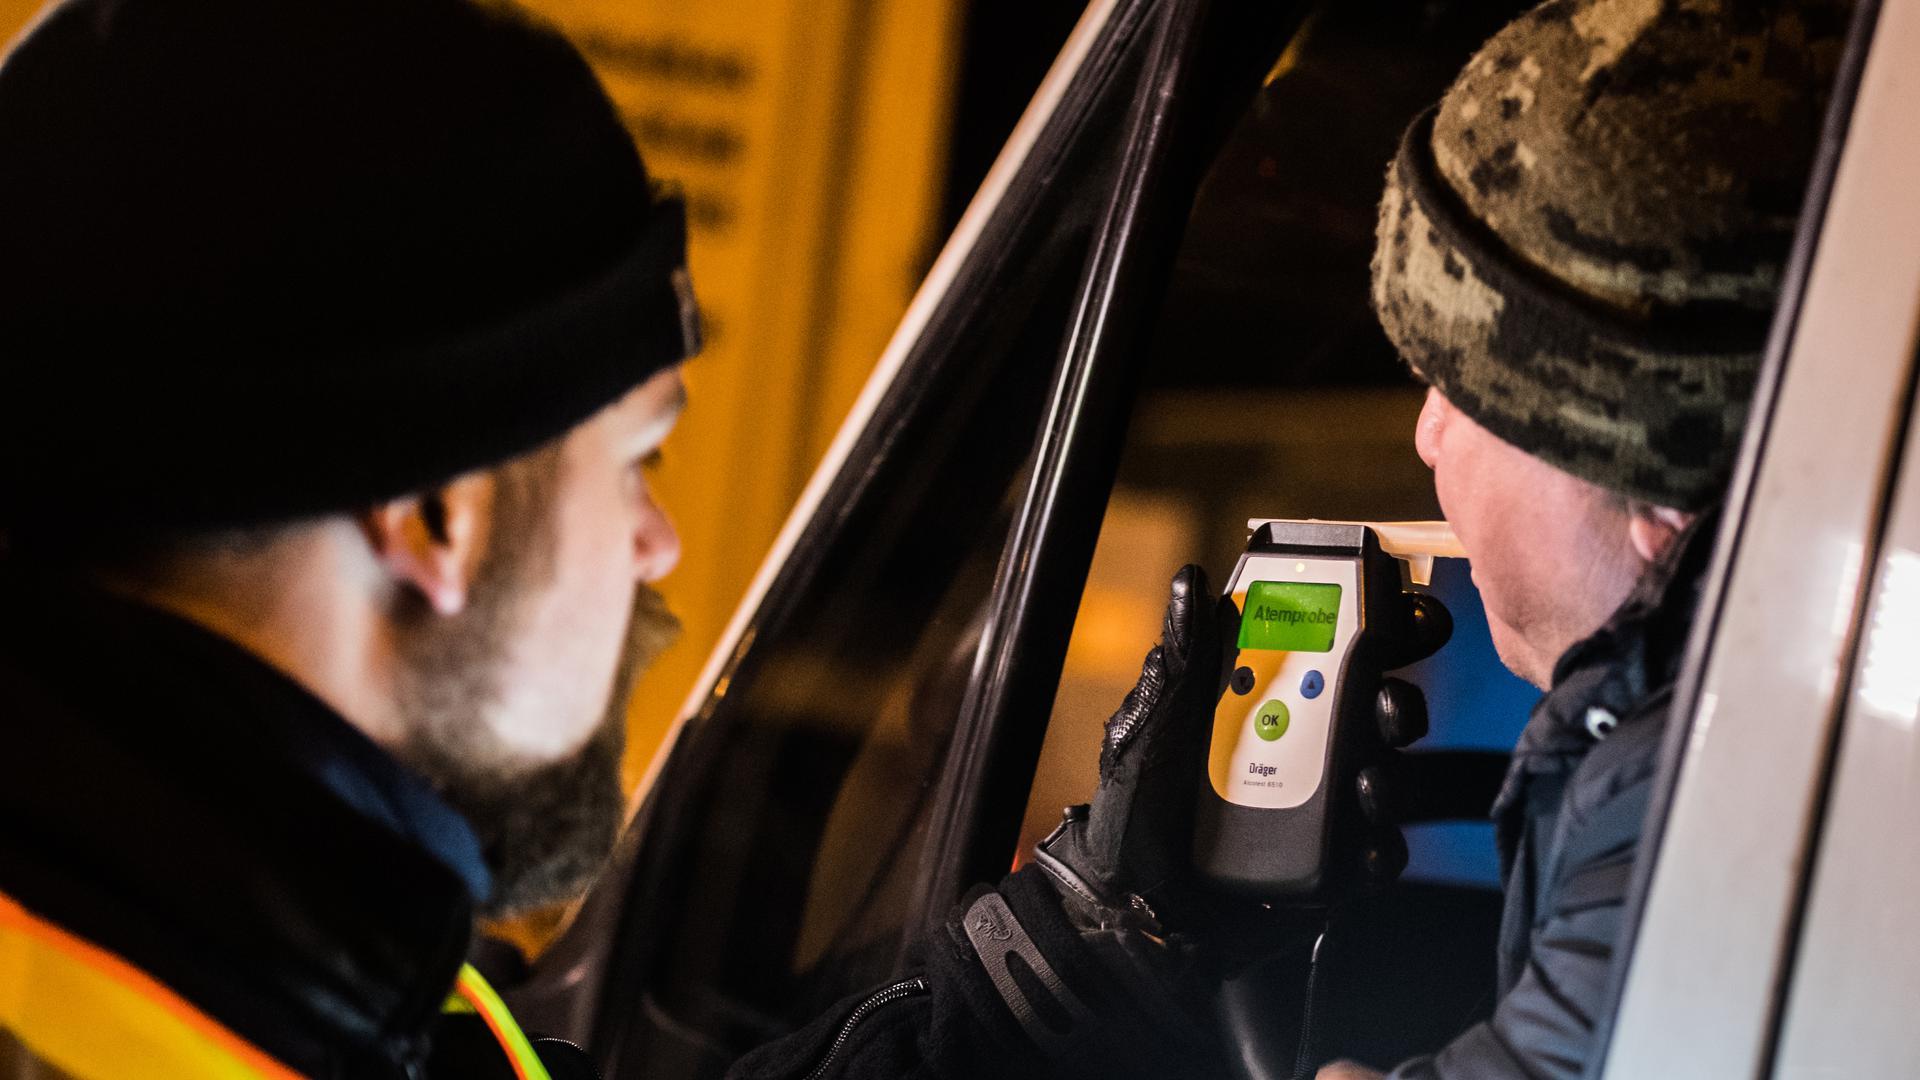 Ein Polizist kontrolliert einen LKW-Fahrer auf Alkoholgenuss. Rund ein Jahr nach ersten großangelegten Kontrollen von Lastwagenfahrern sieht die Polizei Erfolge im Kampf gegen Alkohol am Steuer. +++ dpa-Bildfunk +++